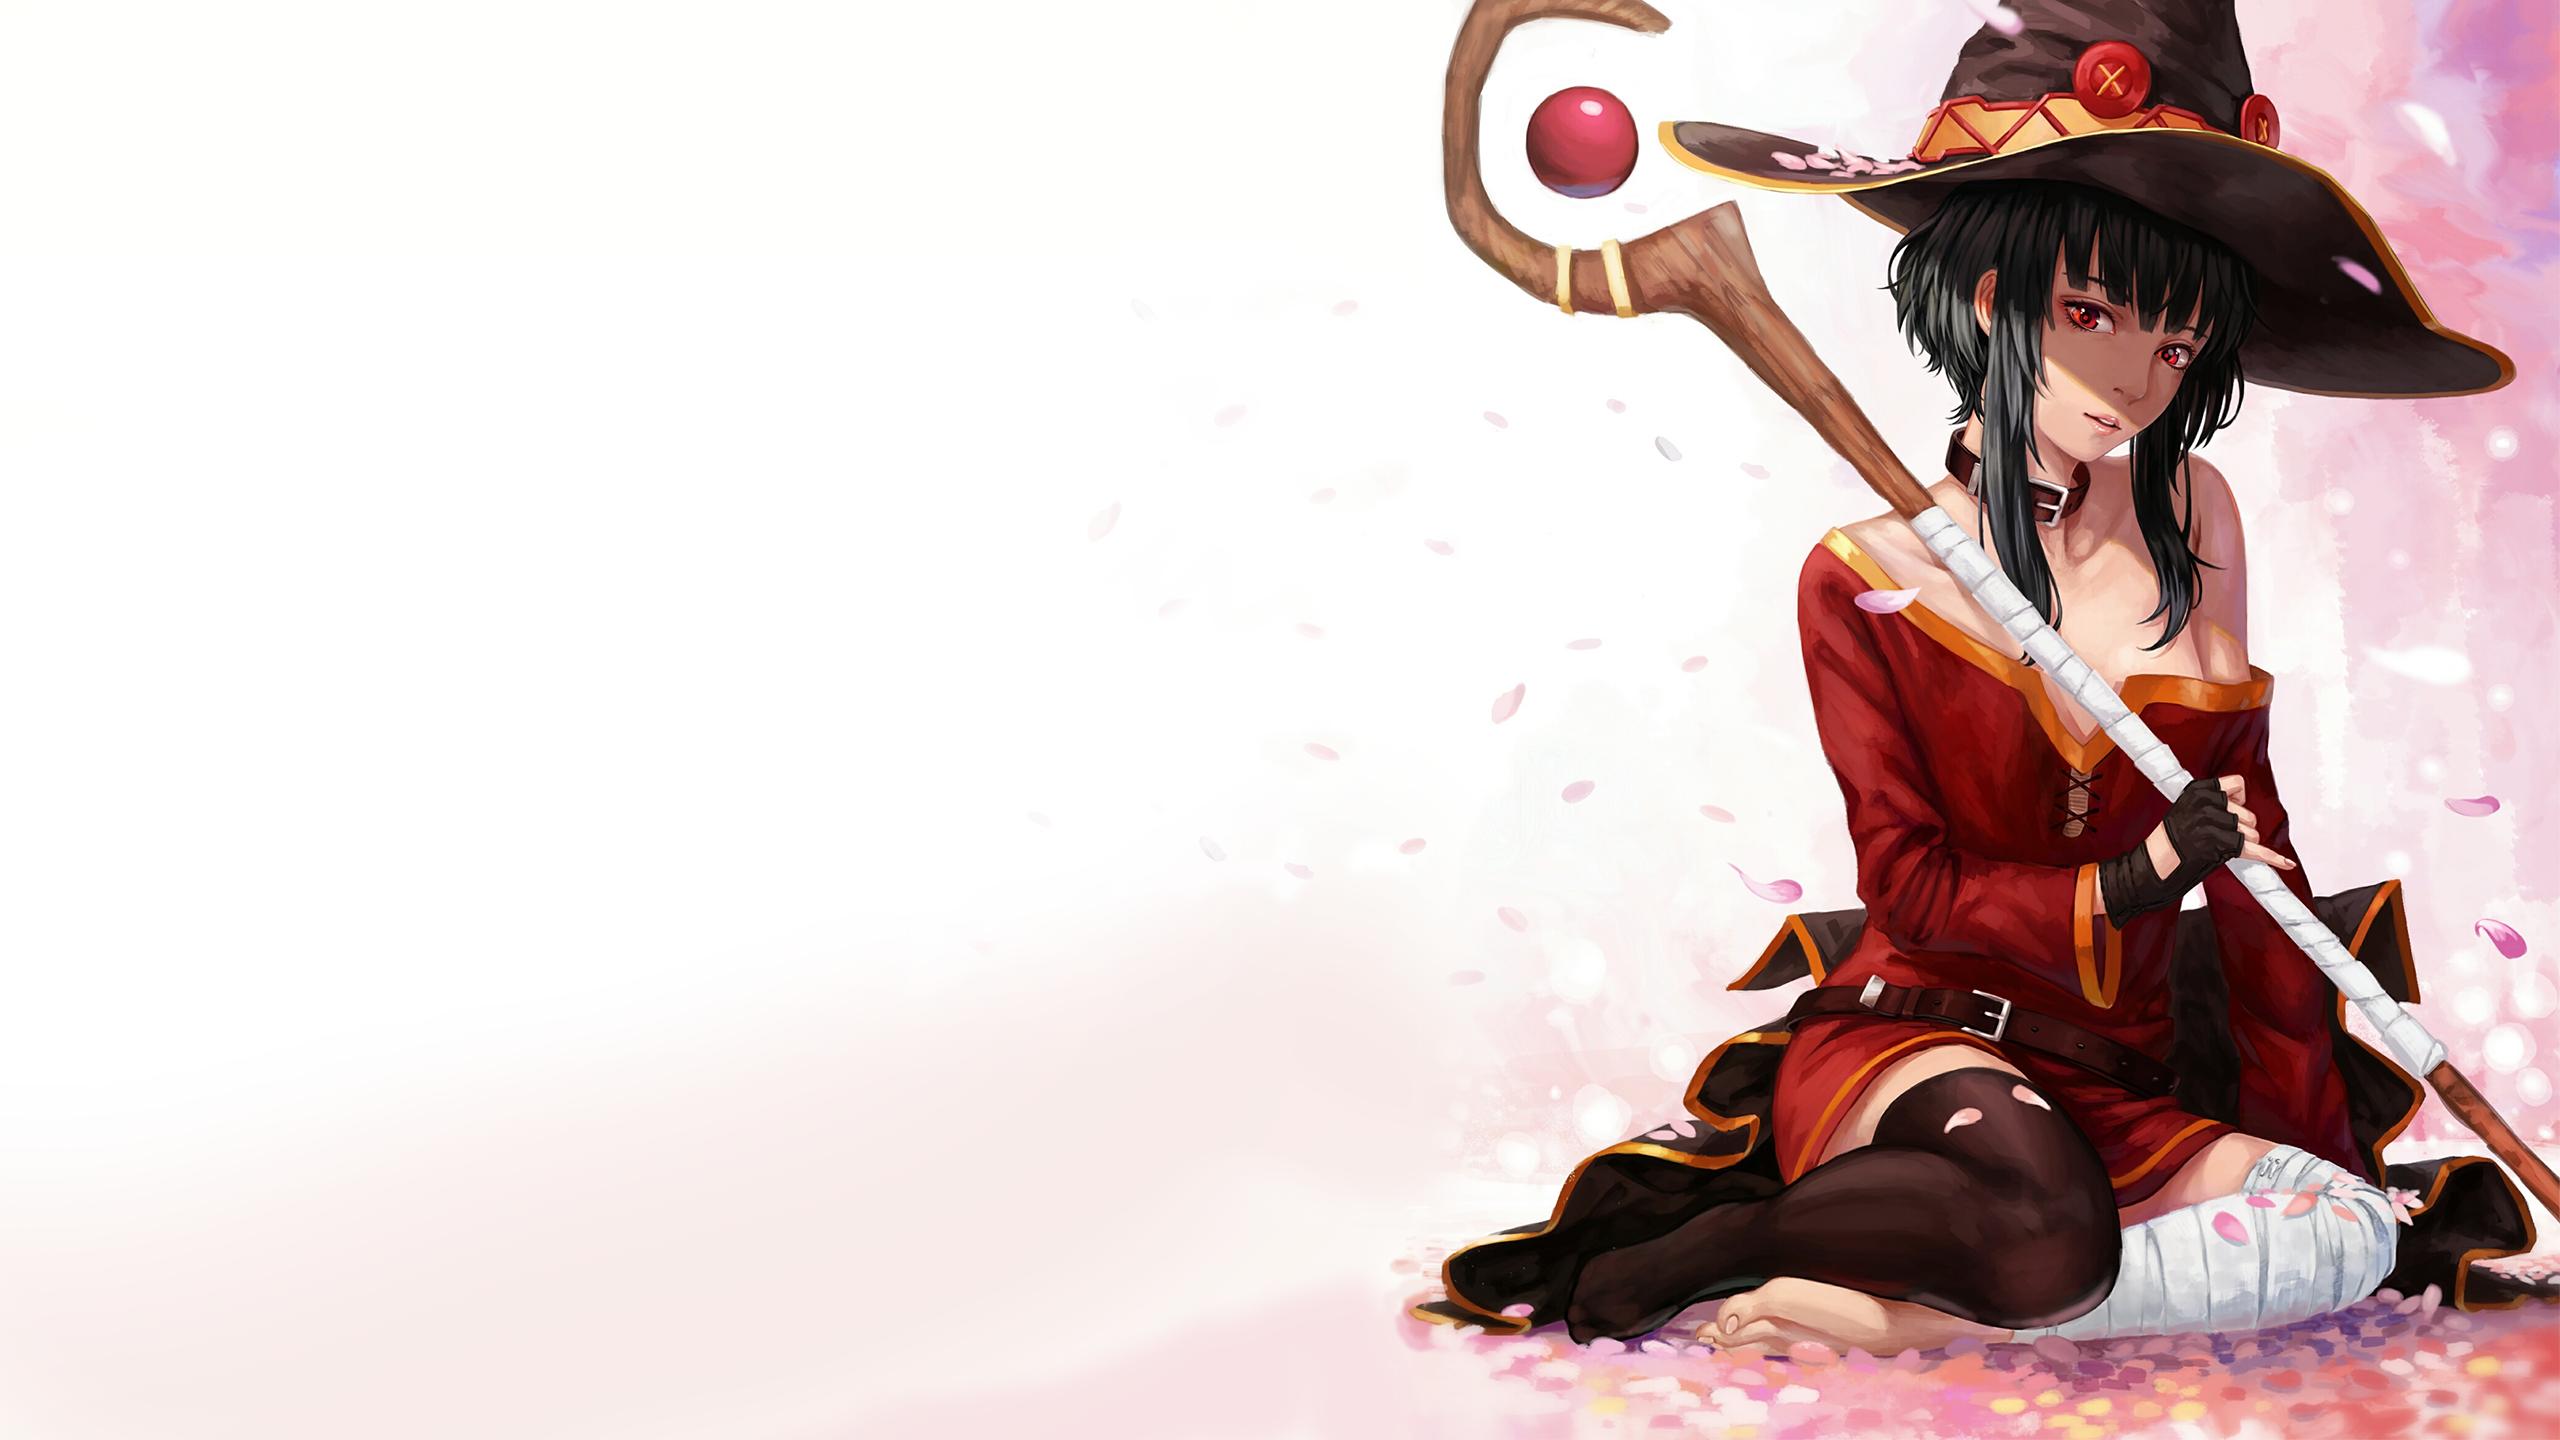 デスクトップ壁紙 アニメの女の子 ショートヘア 帽子 魔女 河北subarashii世界的には福福を メグミン 人 衣類 コスチューム 2560x1440 Sevendark デスクトップ壁紙 Wallhere